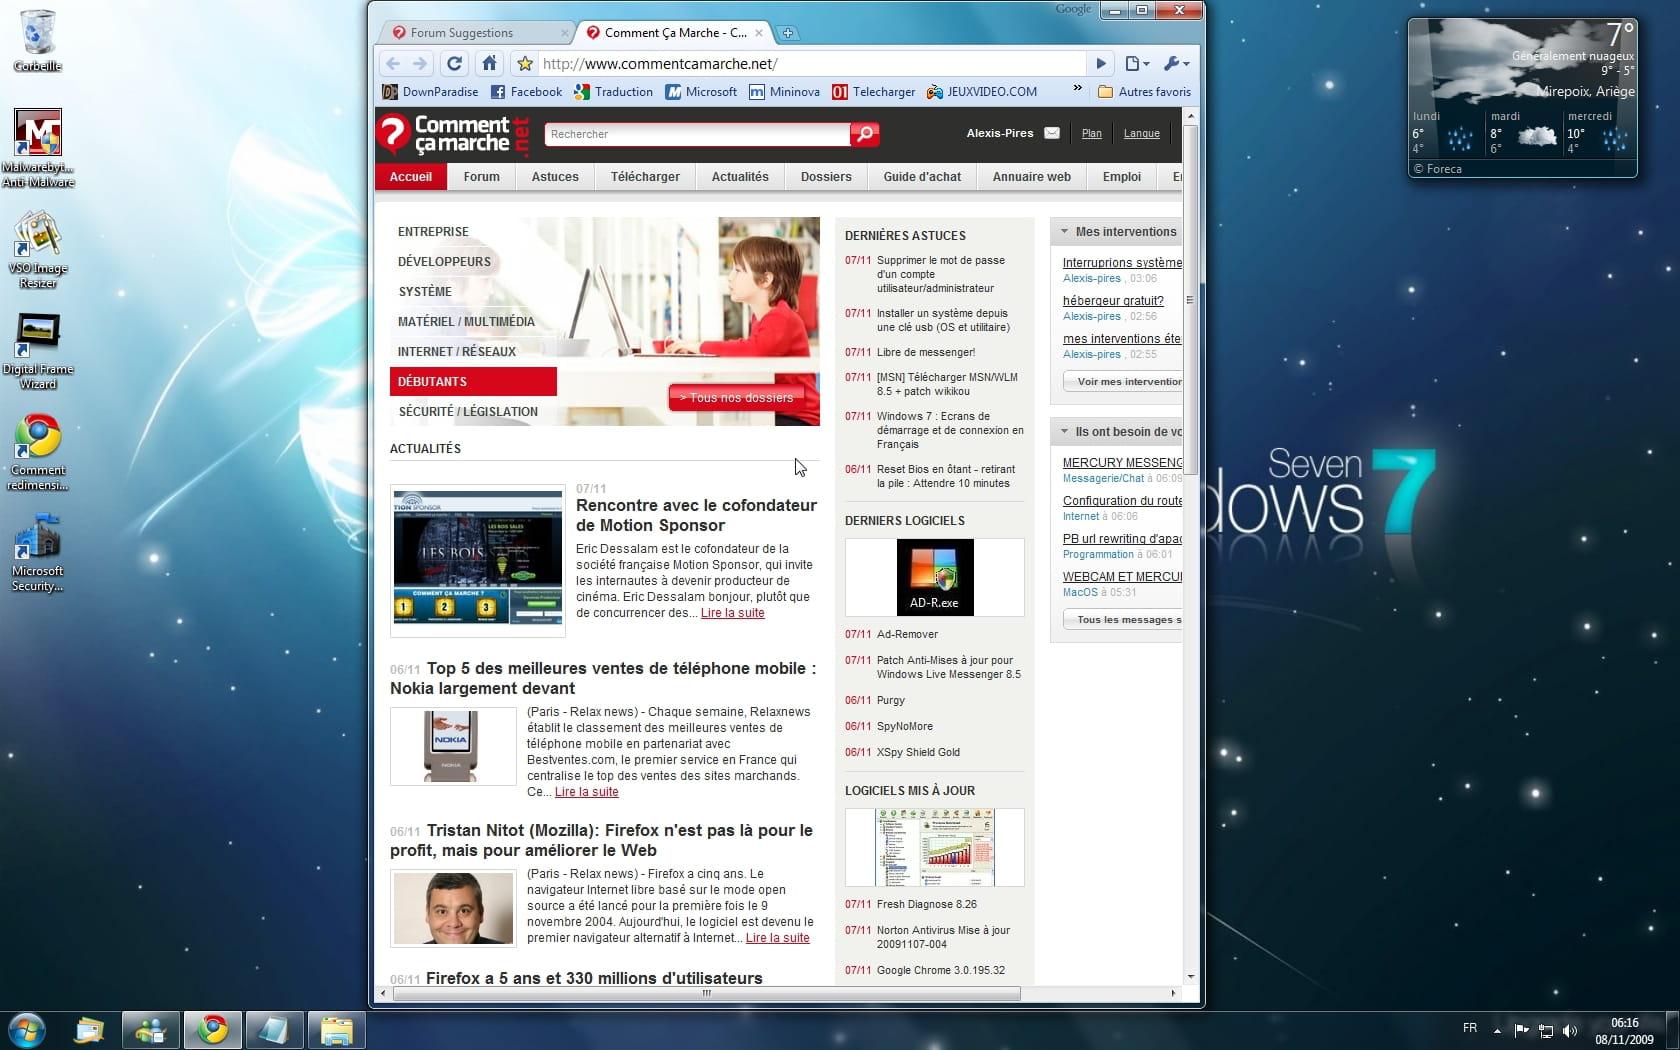 Les nouveaut s aero de windows 7 for Affichage fenetre miniature windows 7